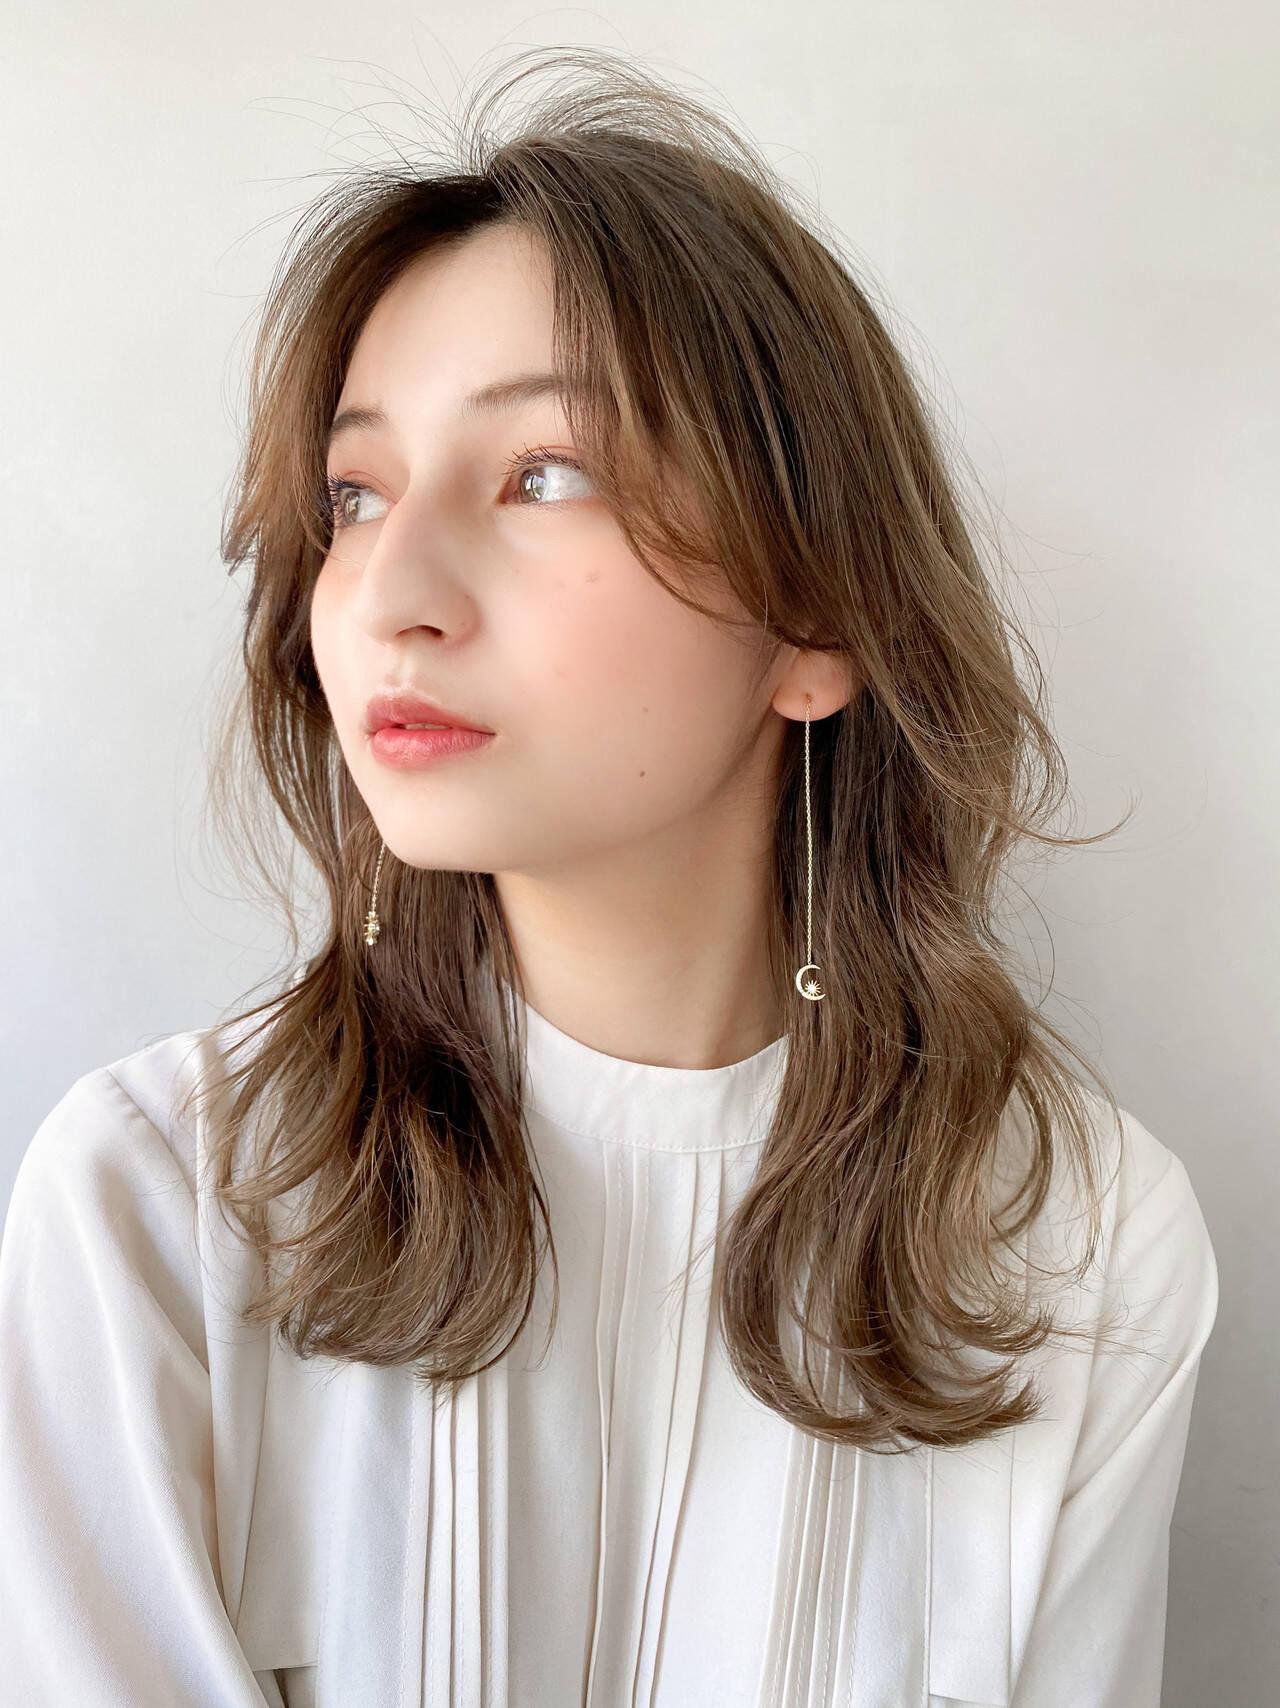 アンニュイほつれヘア 大人かわいい ゆるふわ セミロングヘアスタイルや髪型の写真・画像